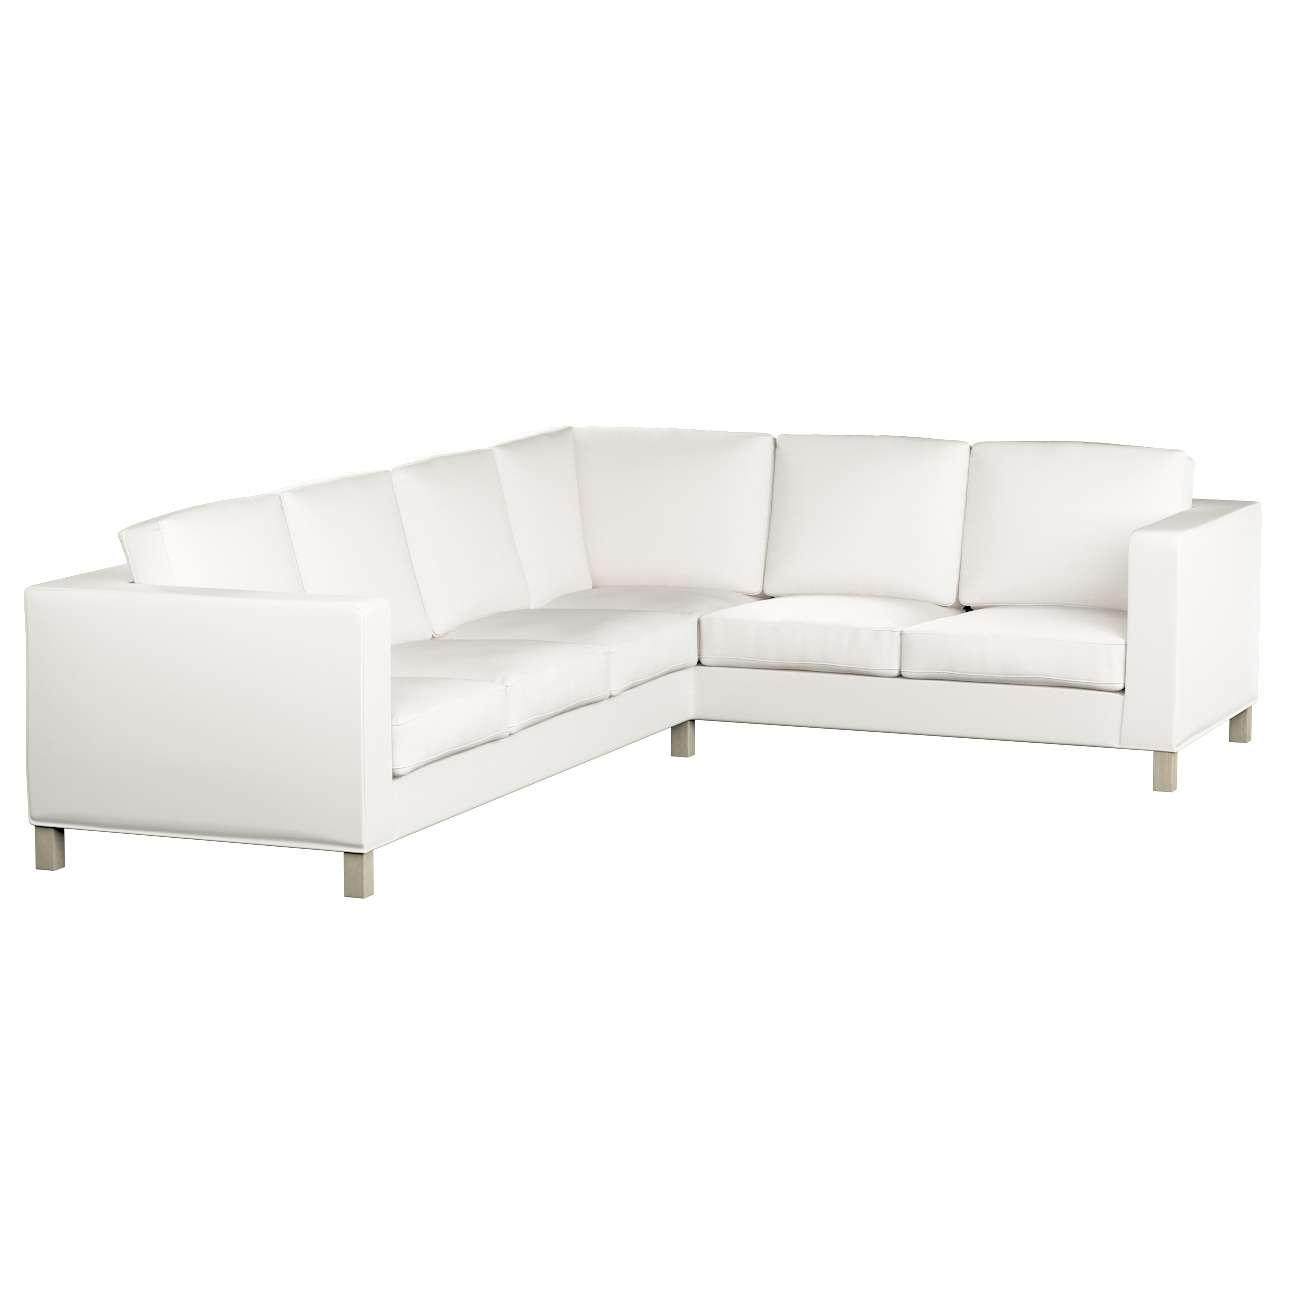 Pokrowiec na sofę narożną lewostronną Karlanda Sofa narożna lewostronna Karlanda w kolekcji Cotton Panama, tkanina: 702-34